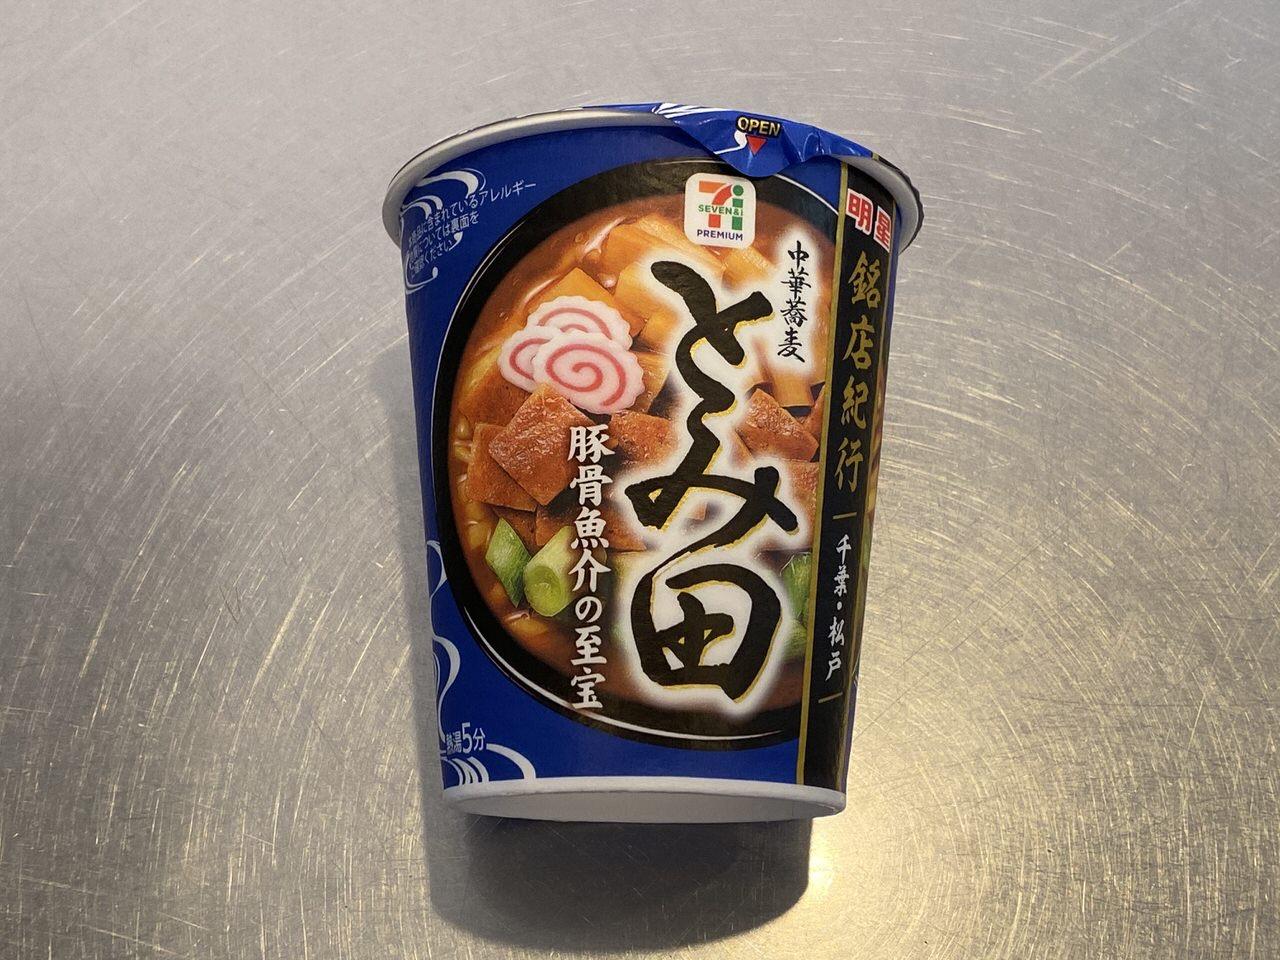 【セブンイレブン】カップ麺「銘店紀行 中華蕎麦とみ田」食べてみた